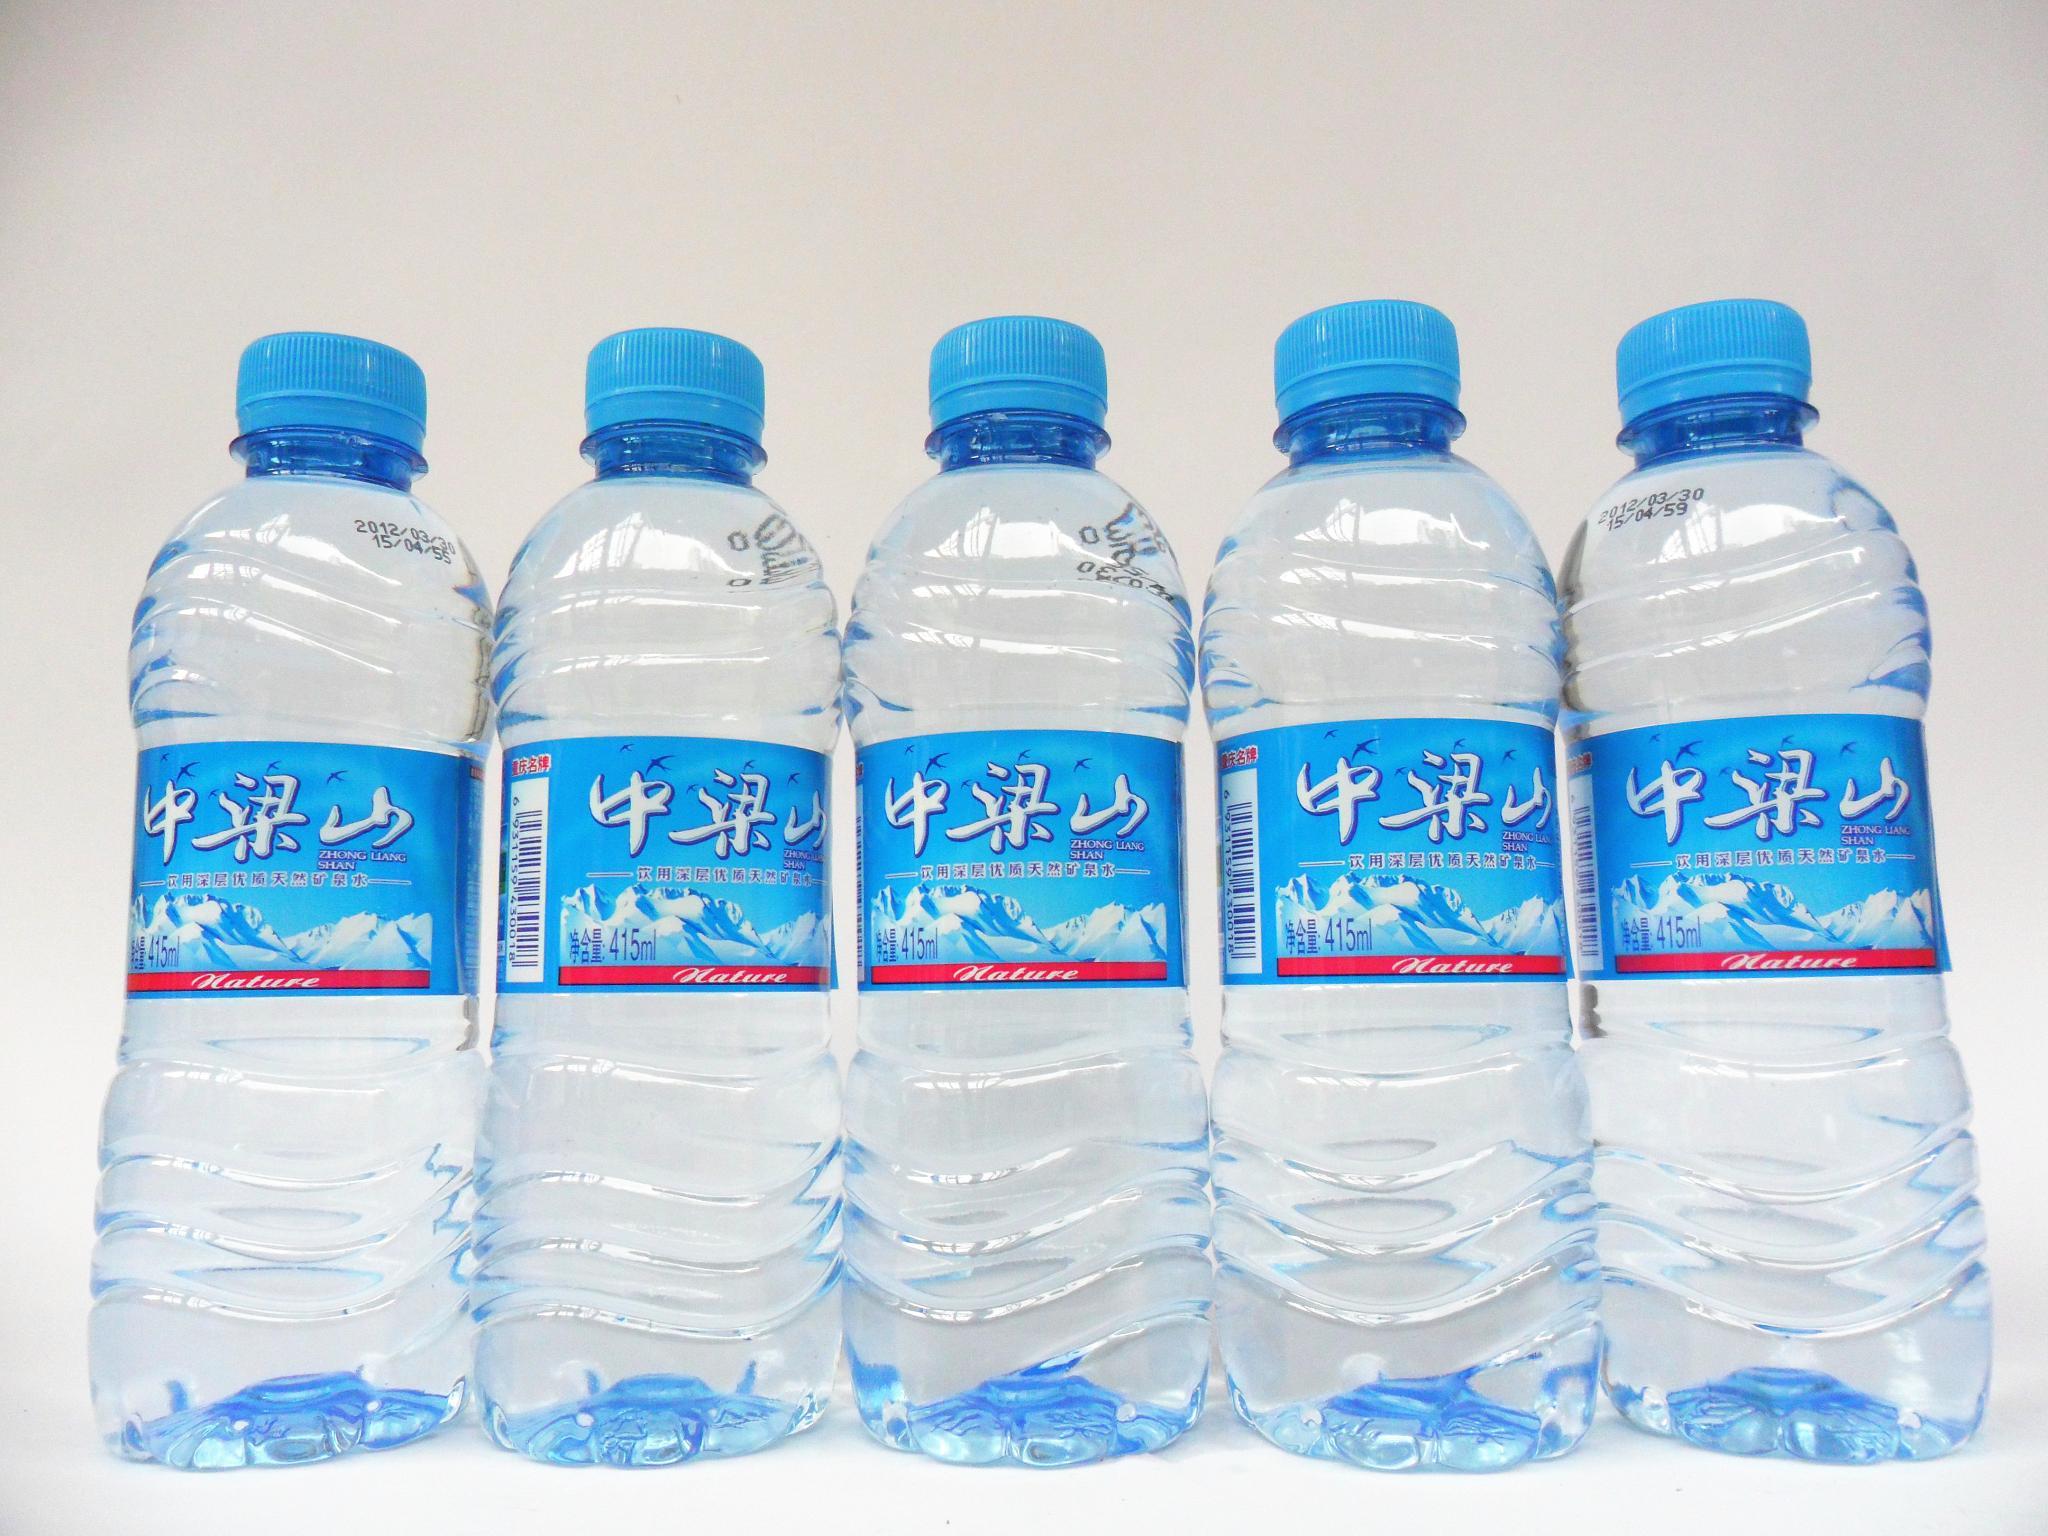 矿泉水(小瓶) - 娃哈哈桶装水直销店